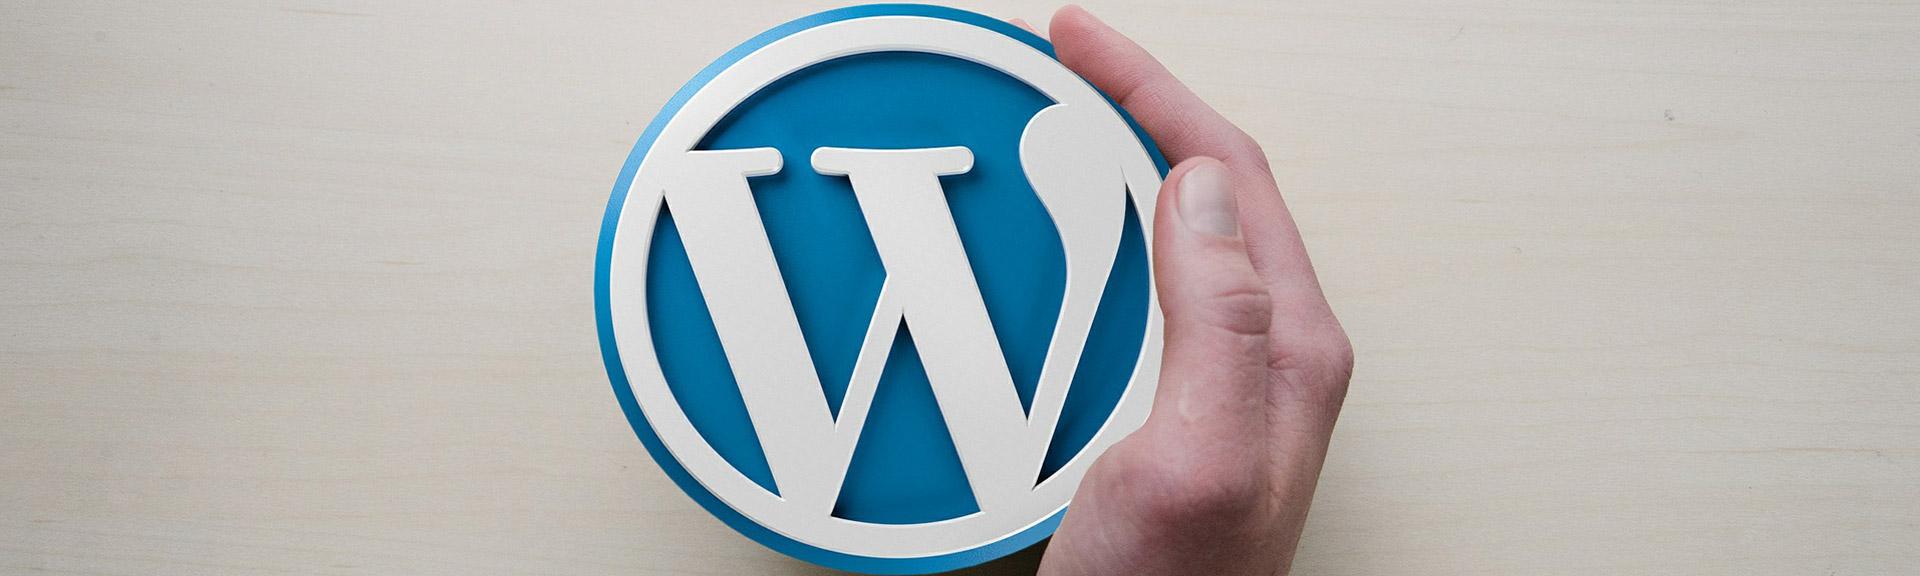 Vorteile von WordPress